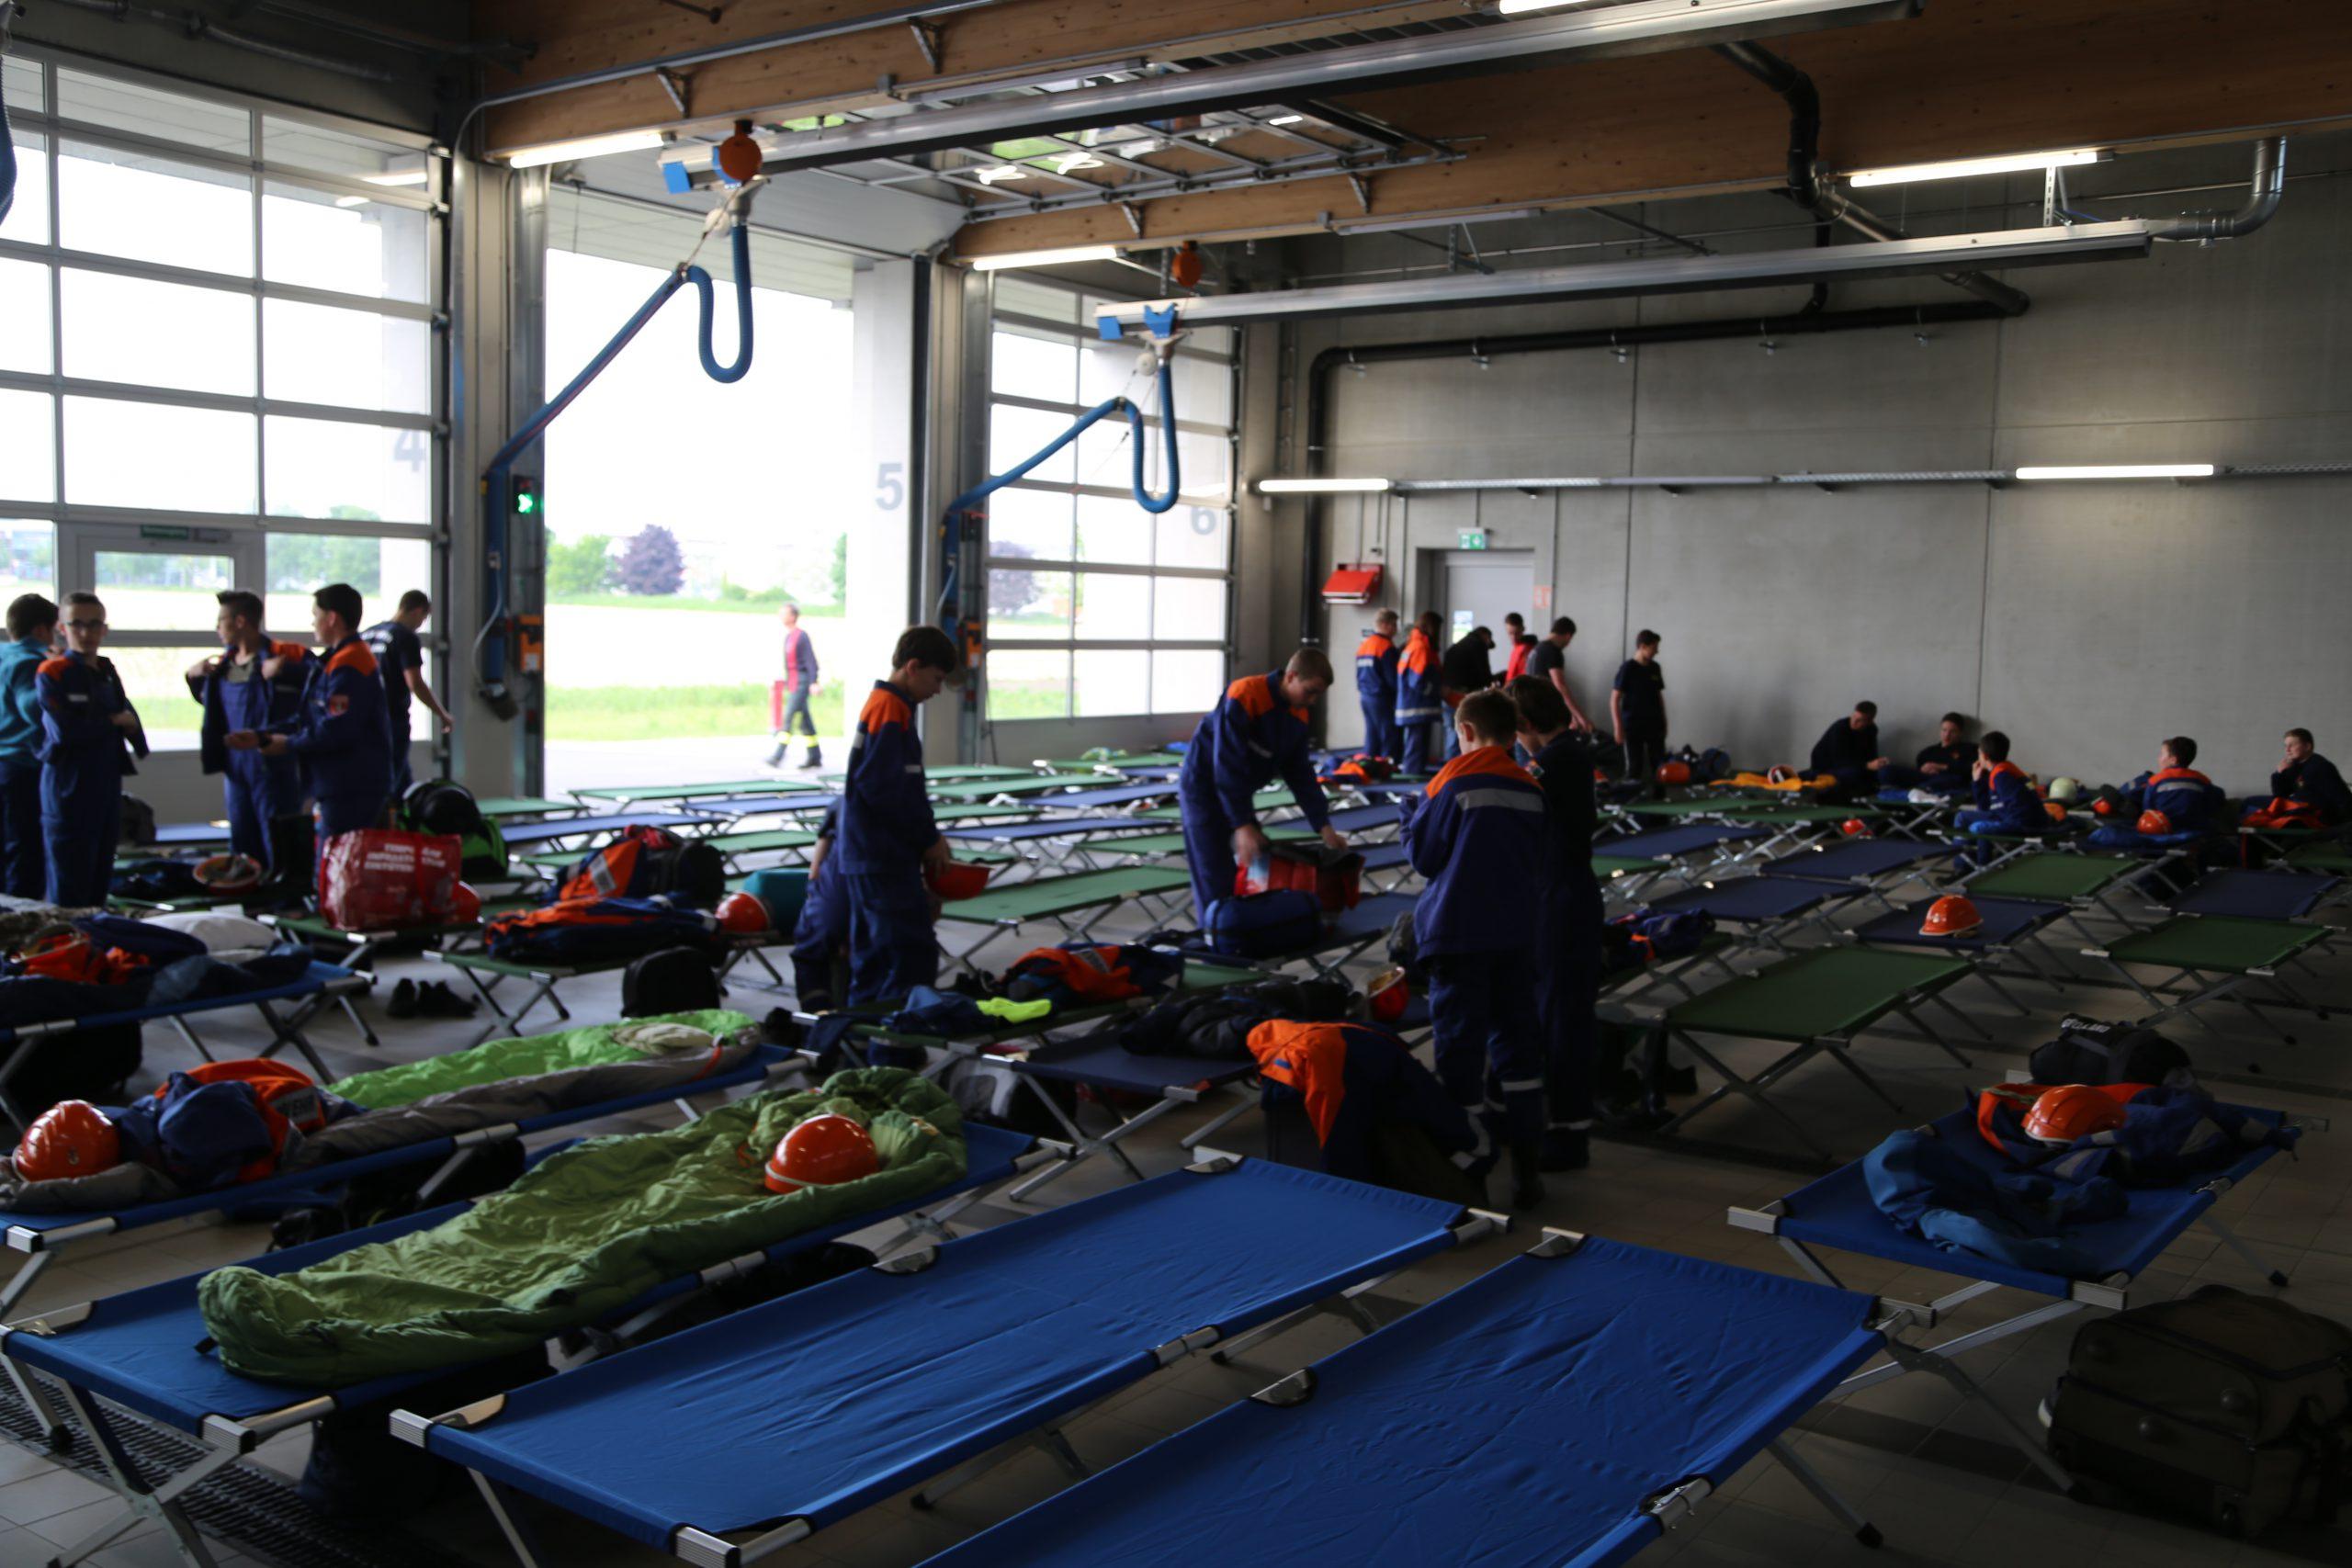 24h Übung 2 - Bettenlager für die Nacht aufbauen